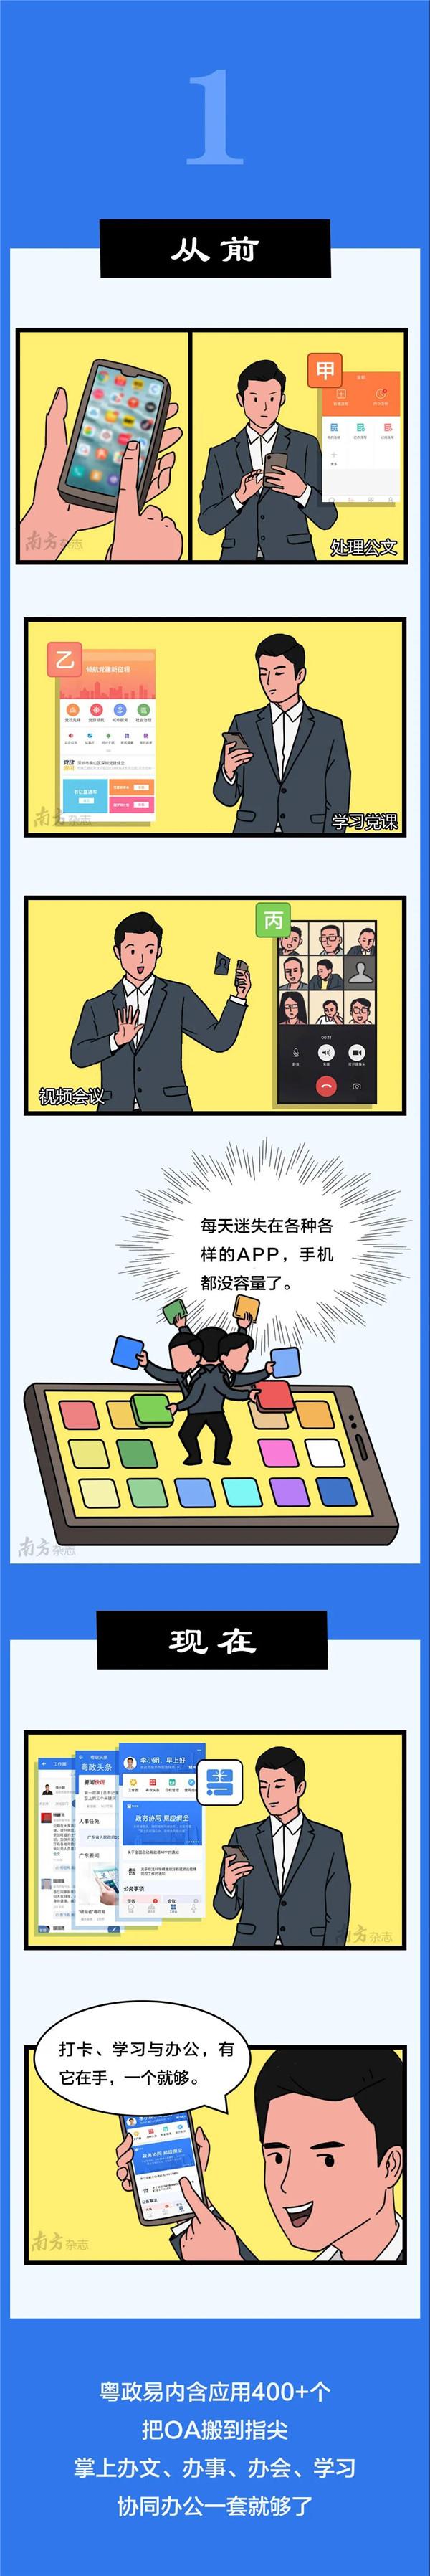 粤省事.jpg